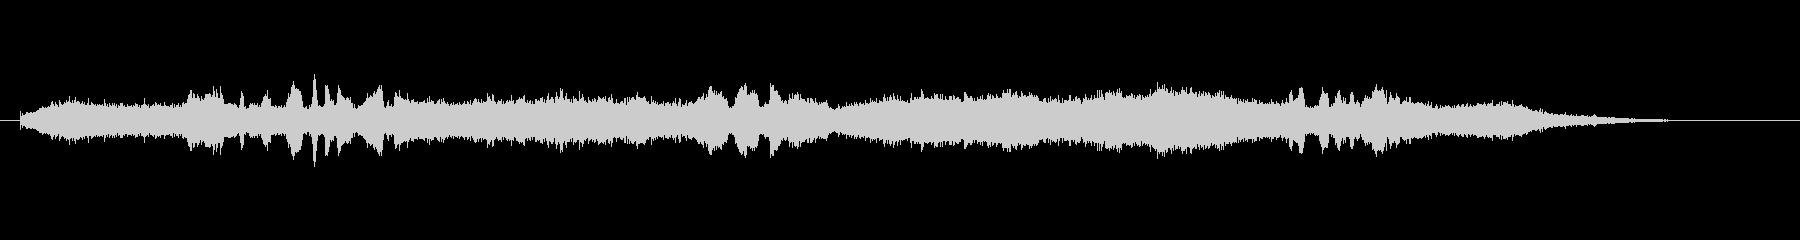 ウッドルーター製材所-On_Off-楽器の未再生の波形